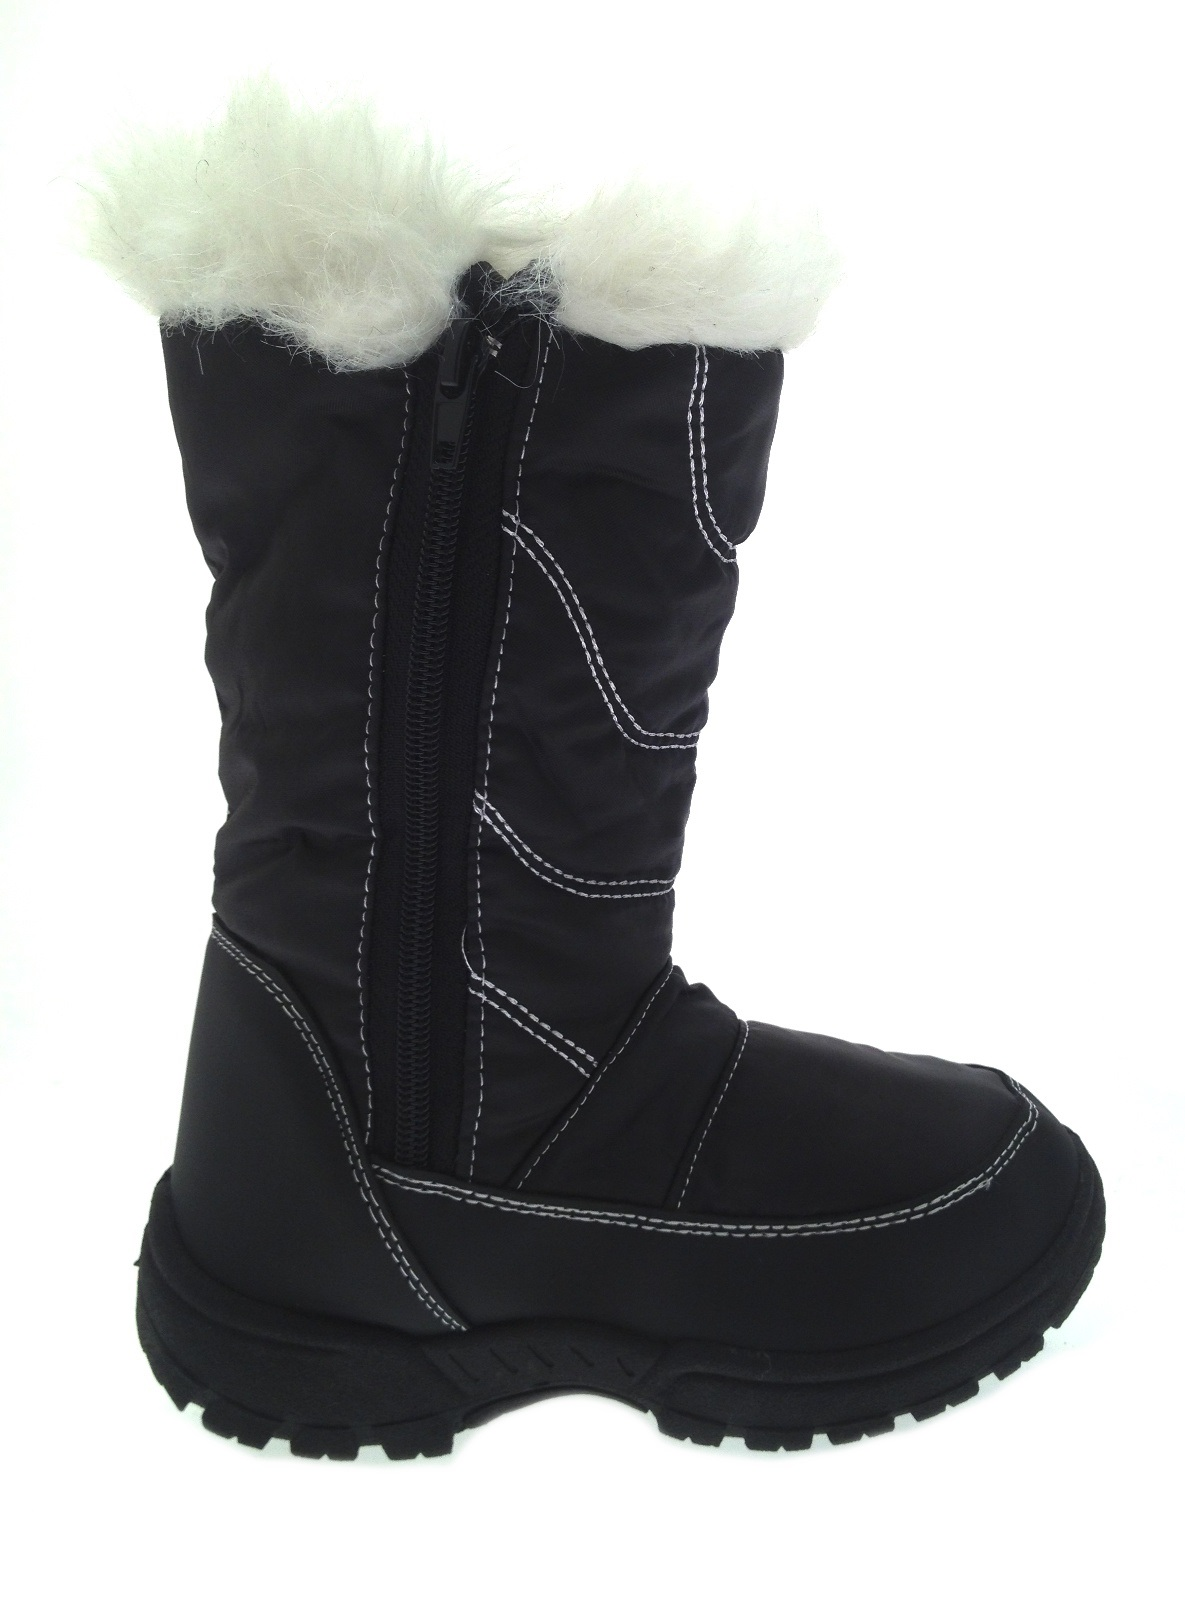 Kids Girls Boys Waterproof Sole Snow Boots Fur Trim Mucker Warm Winter Size 10-2